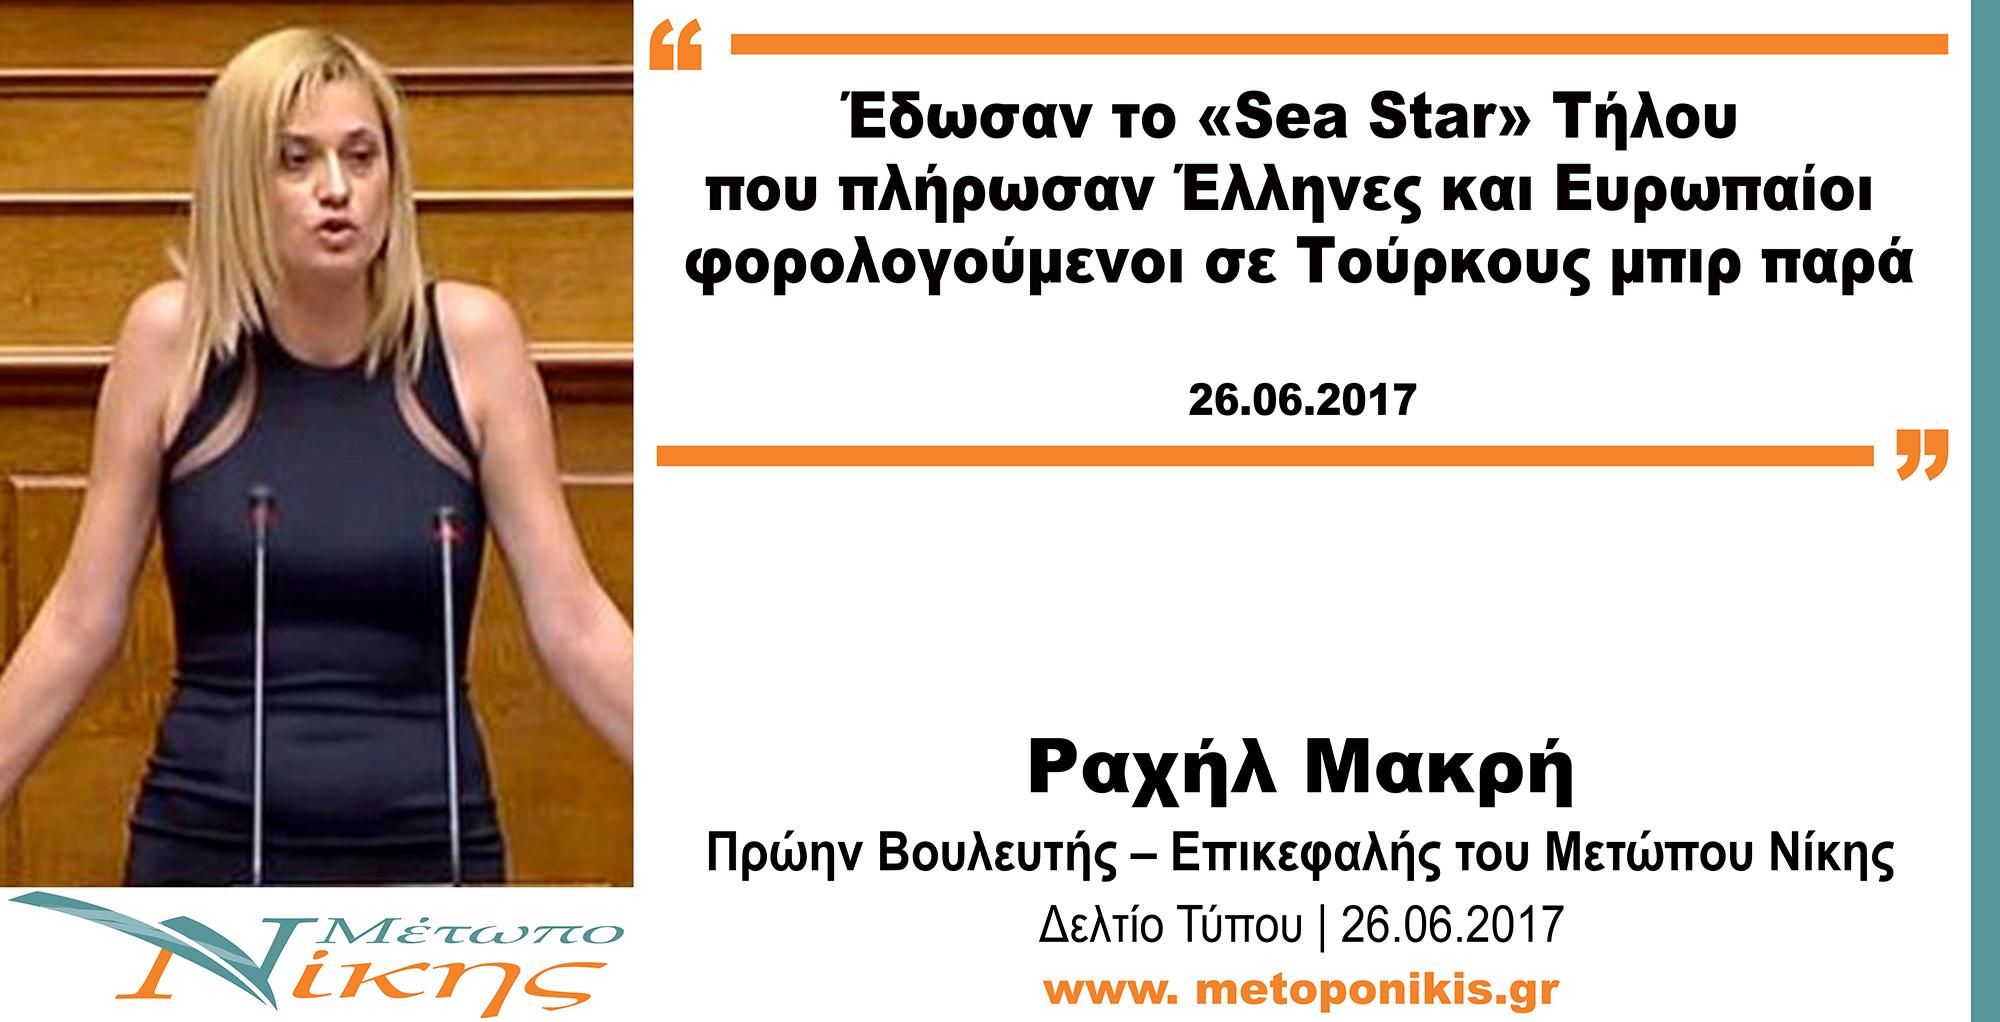 Ραχήλ Μακρή: «Έδωσαν το «Sea Star» Τήλου που πλήρωσαν Έλληνες και Ευρωπαίοι φορολογούμενοι σε Τούρκους μπιρ παρά»